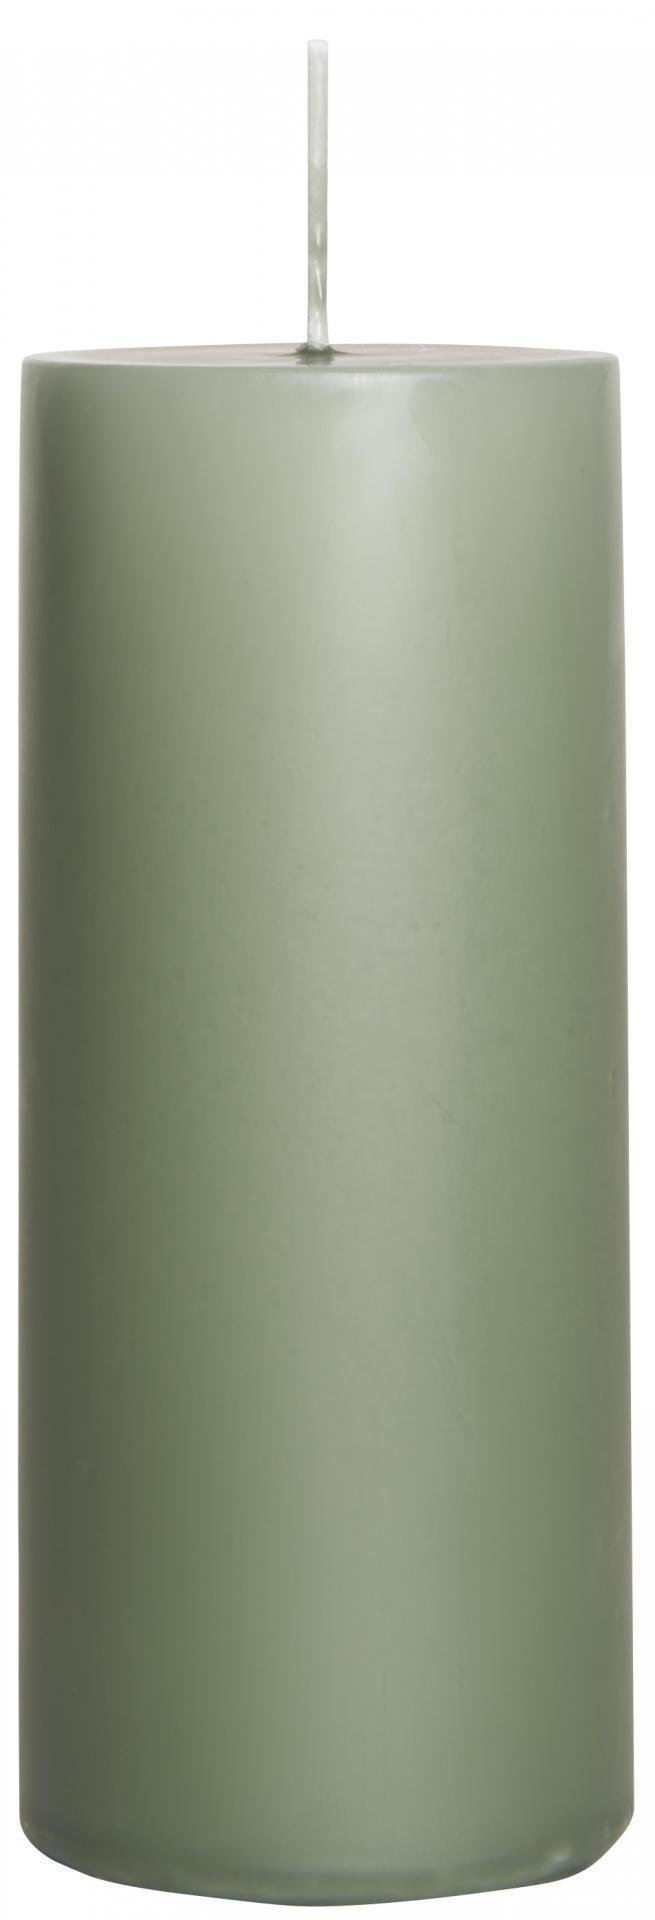 IB LAURSEN Svíčka Moss green 15 cm, zelená barva, vosk